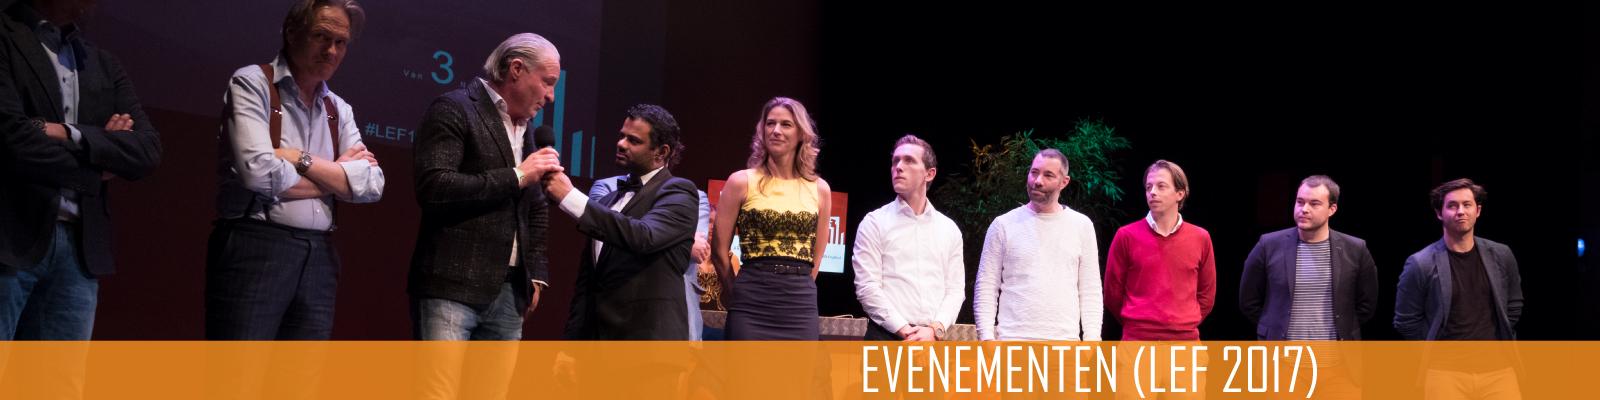 Evenementen-slide-LEF2017